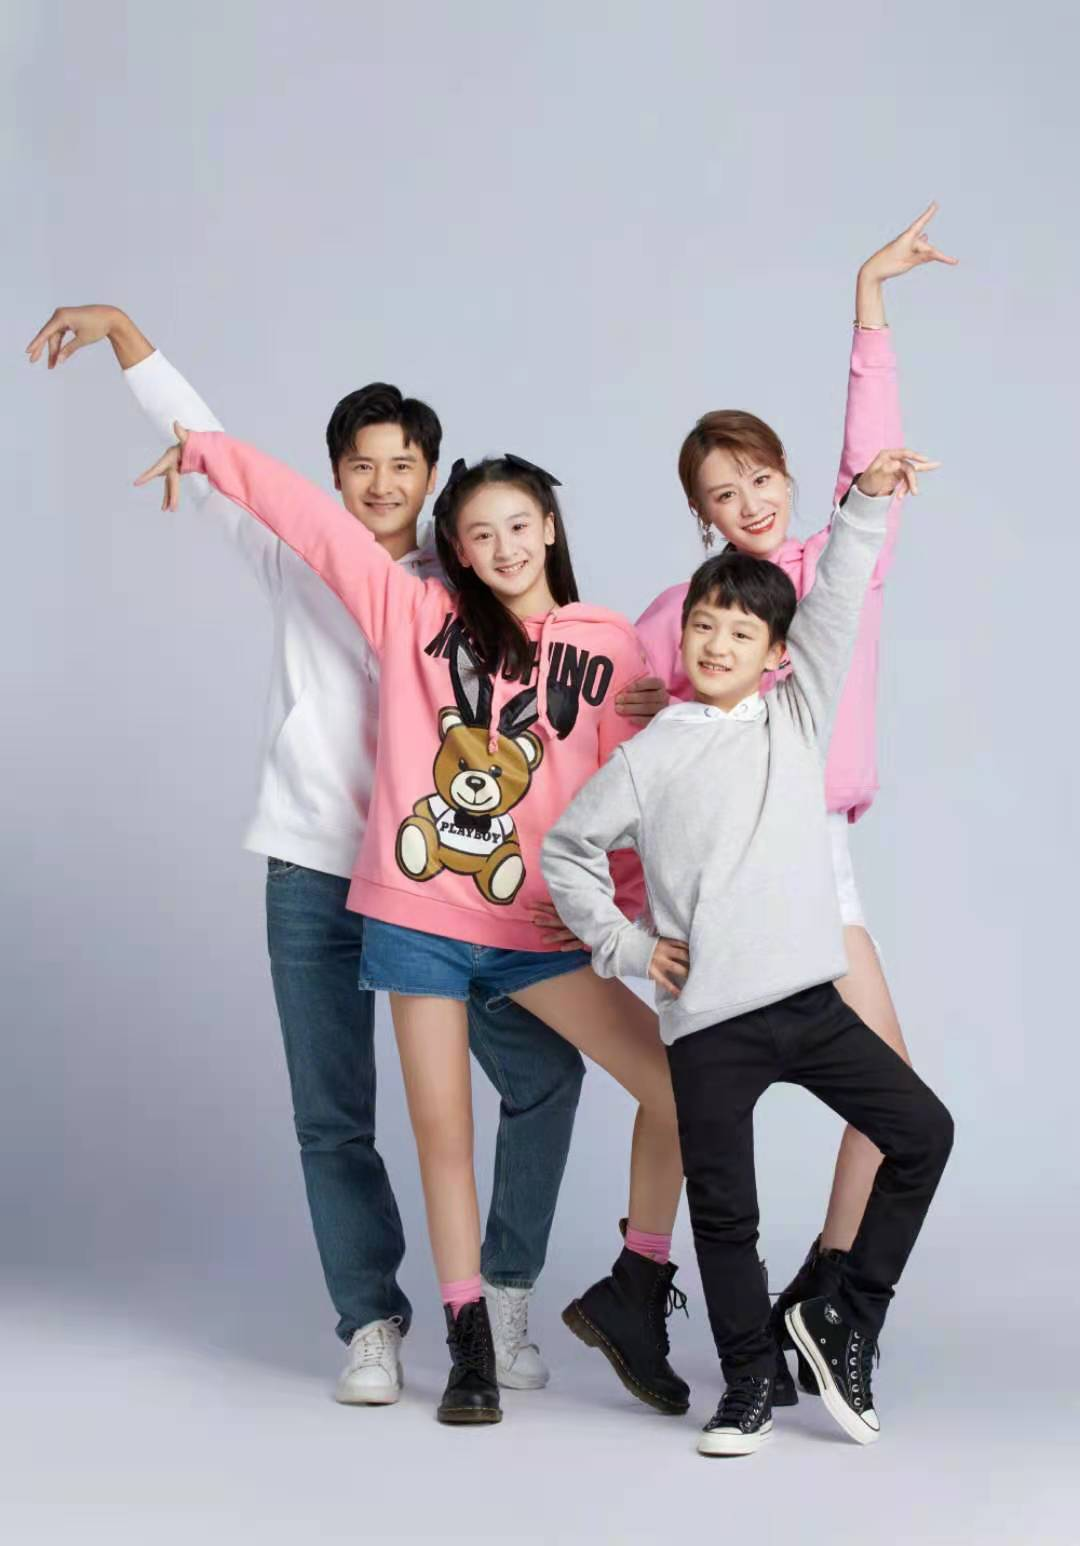 田亮一家四口有纪律,连穿亲子装都整整齐齐,不愧是奥运冠军家庭